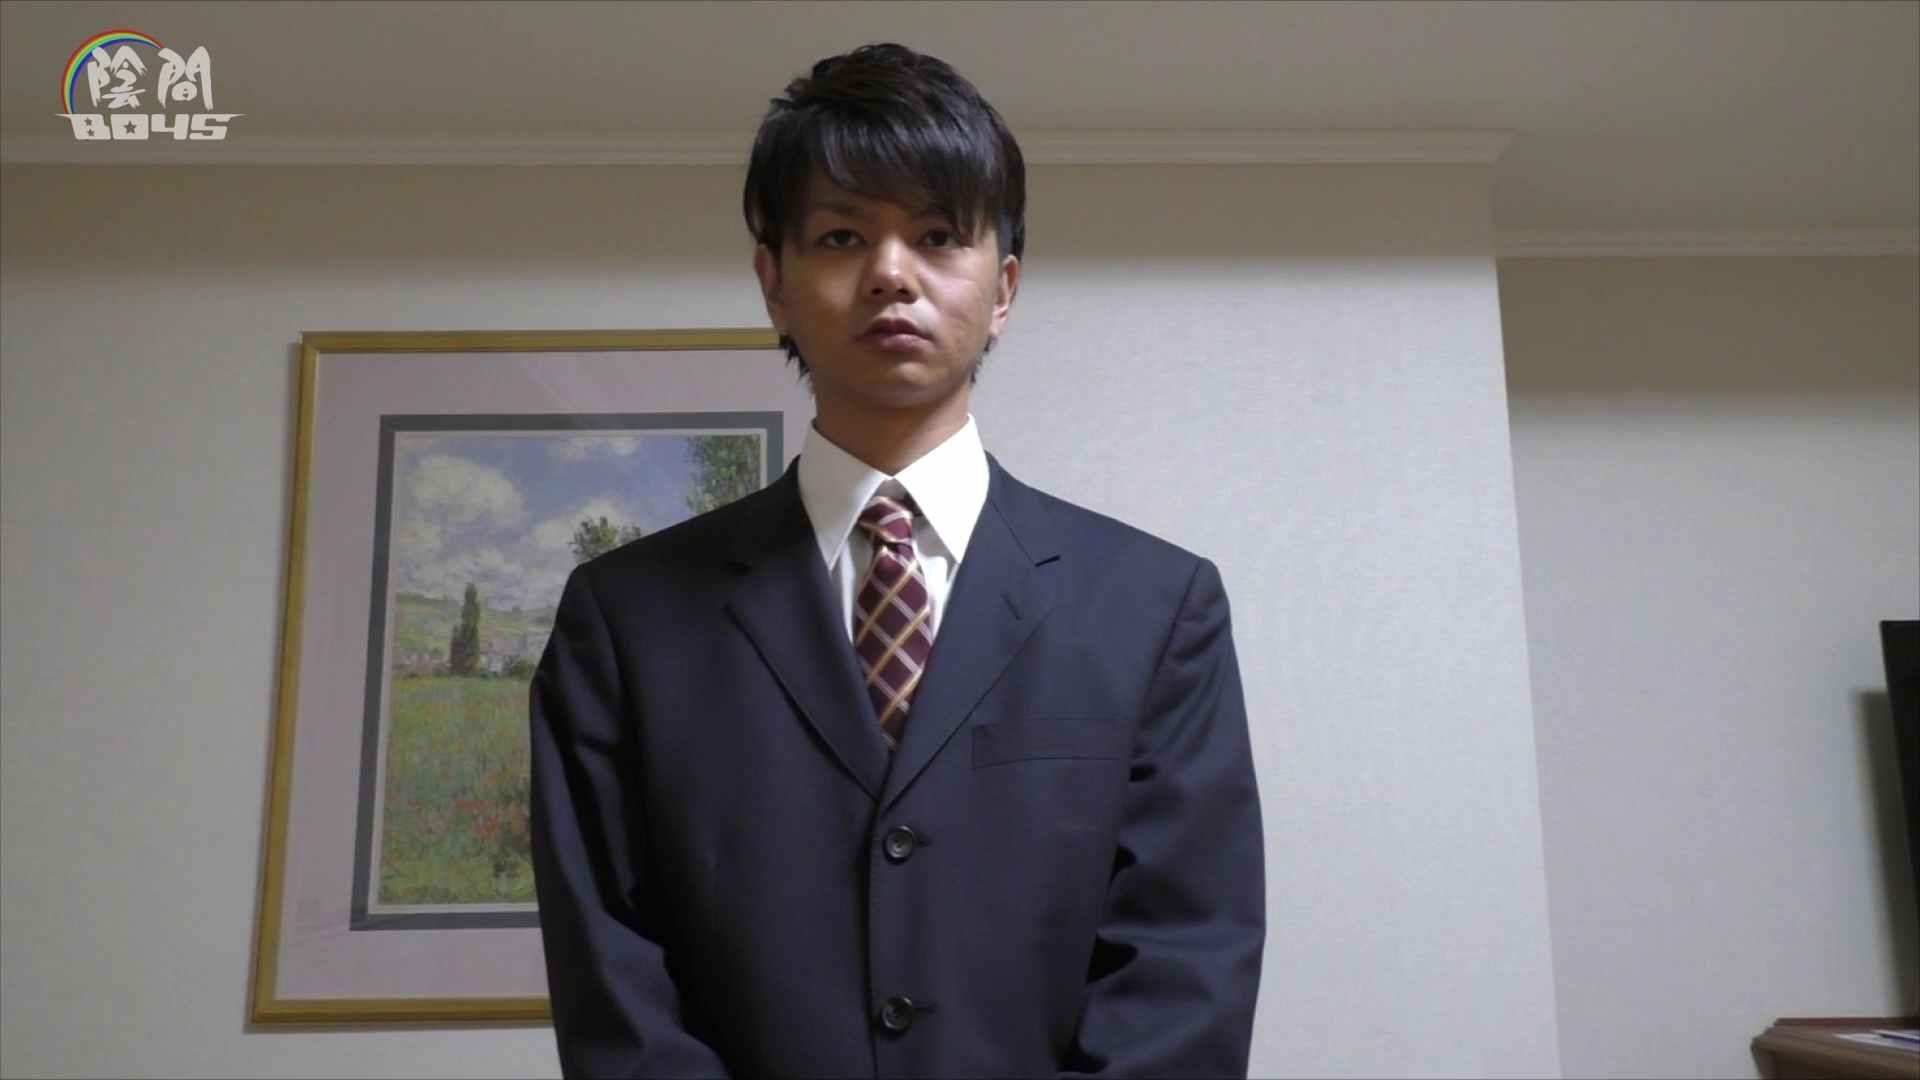 陰間BOYS~キャバクラの仕事はアナルから4 Vol.01 男のゲイ天国   ザーメン  12枚 1